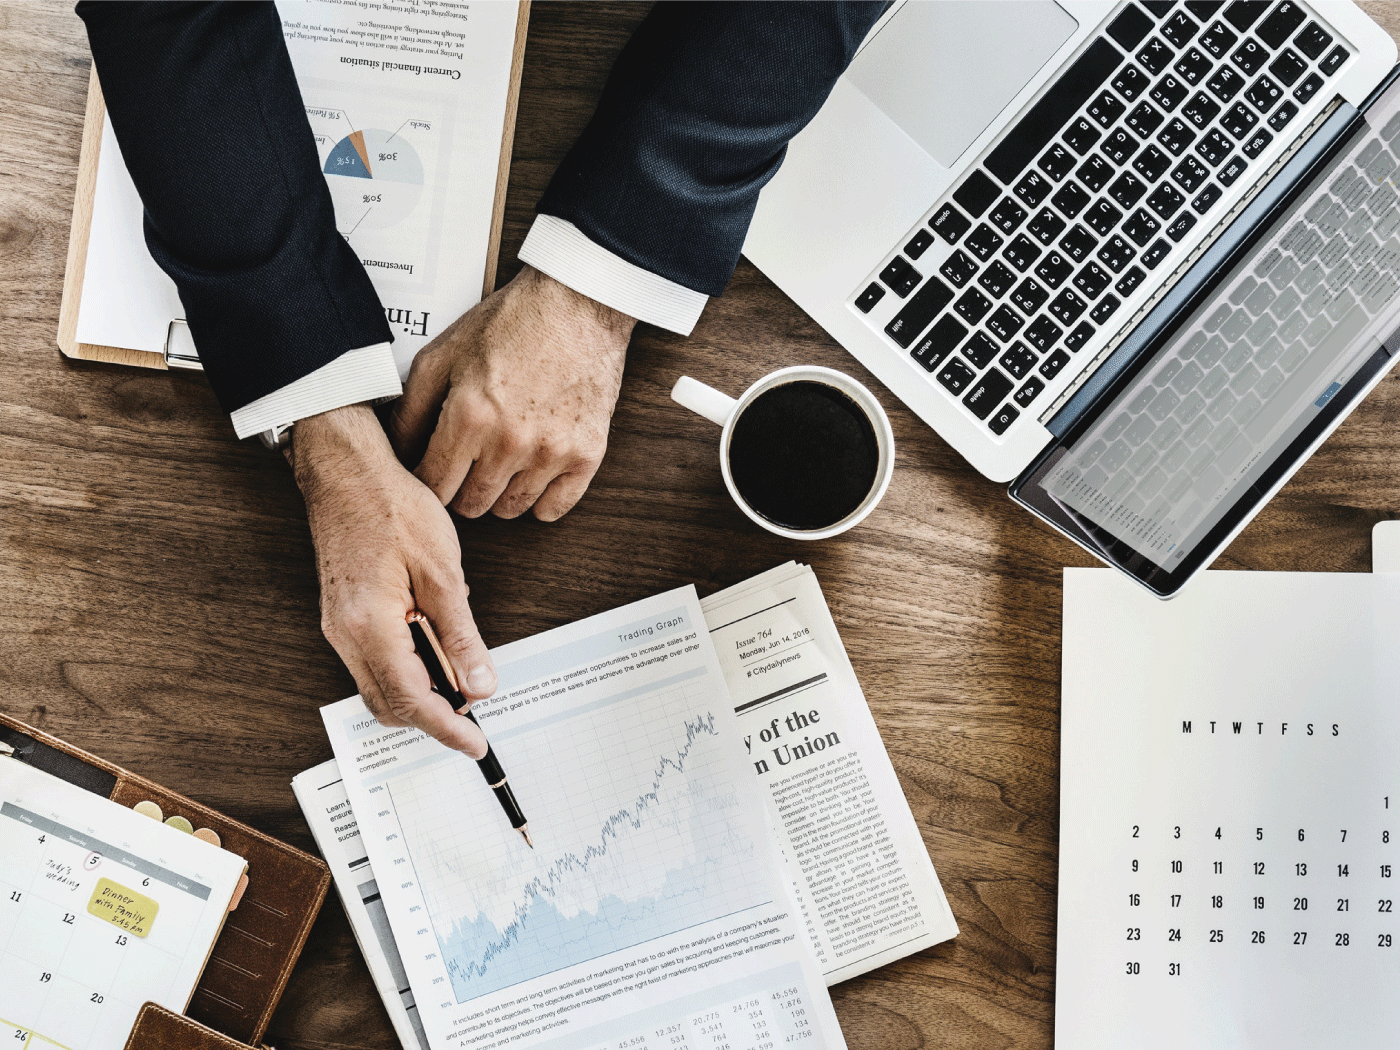 gestão de alojamento local - revenue management